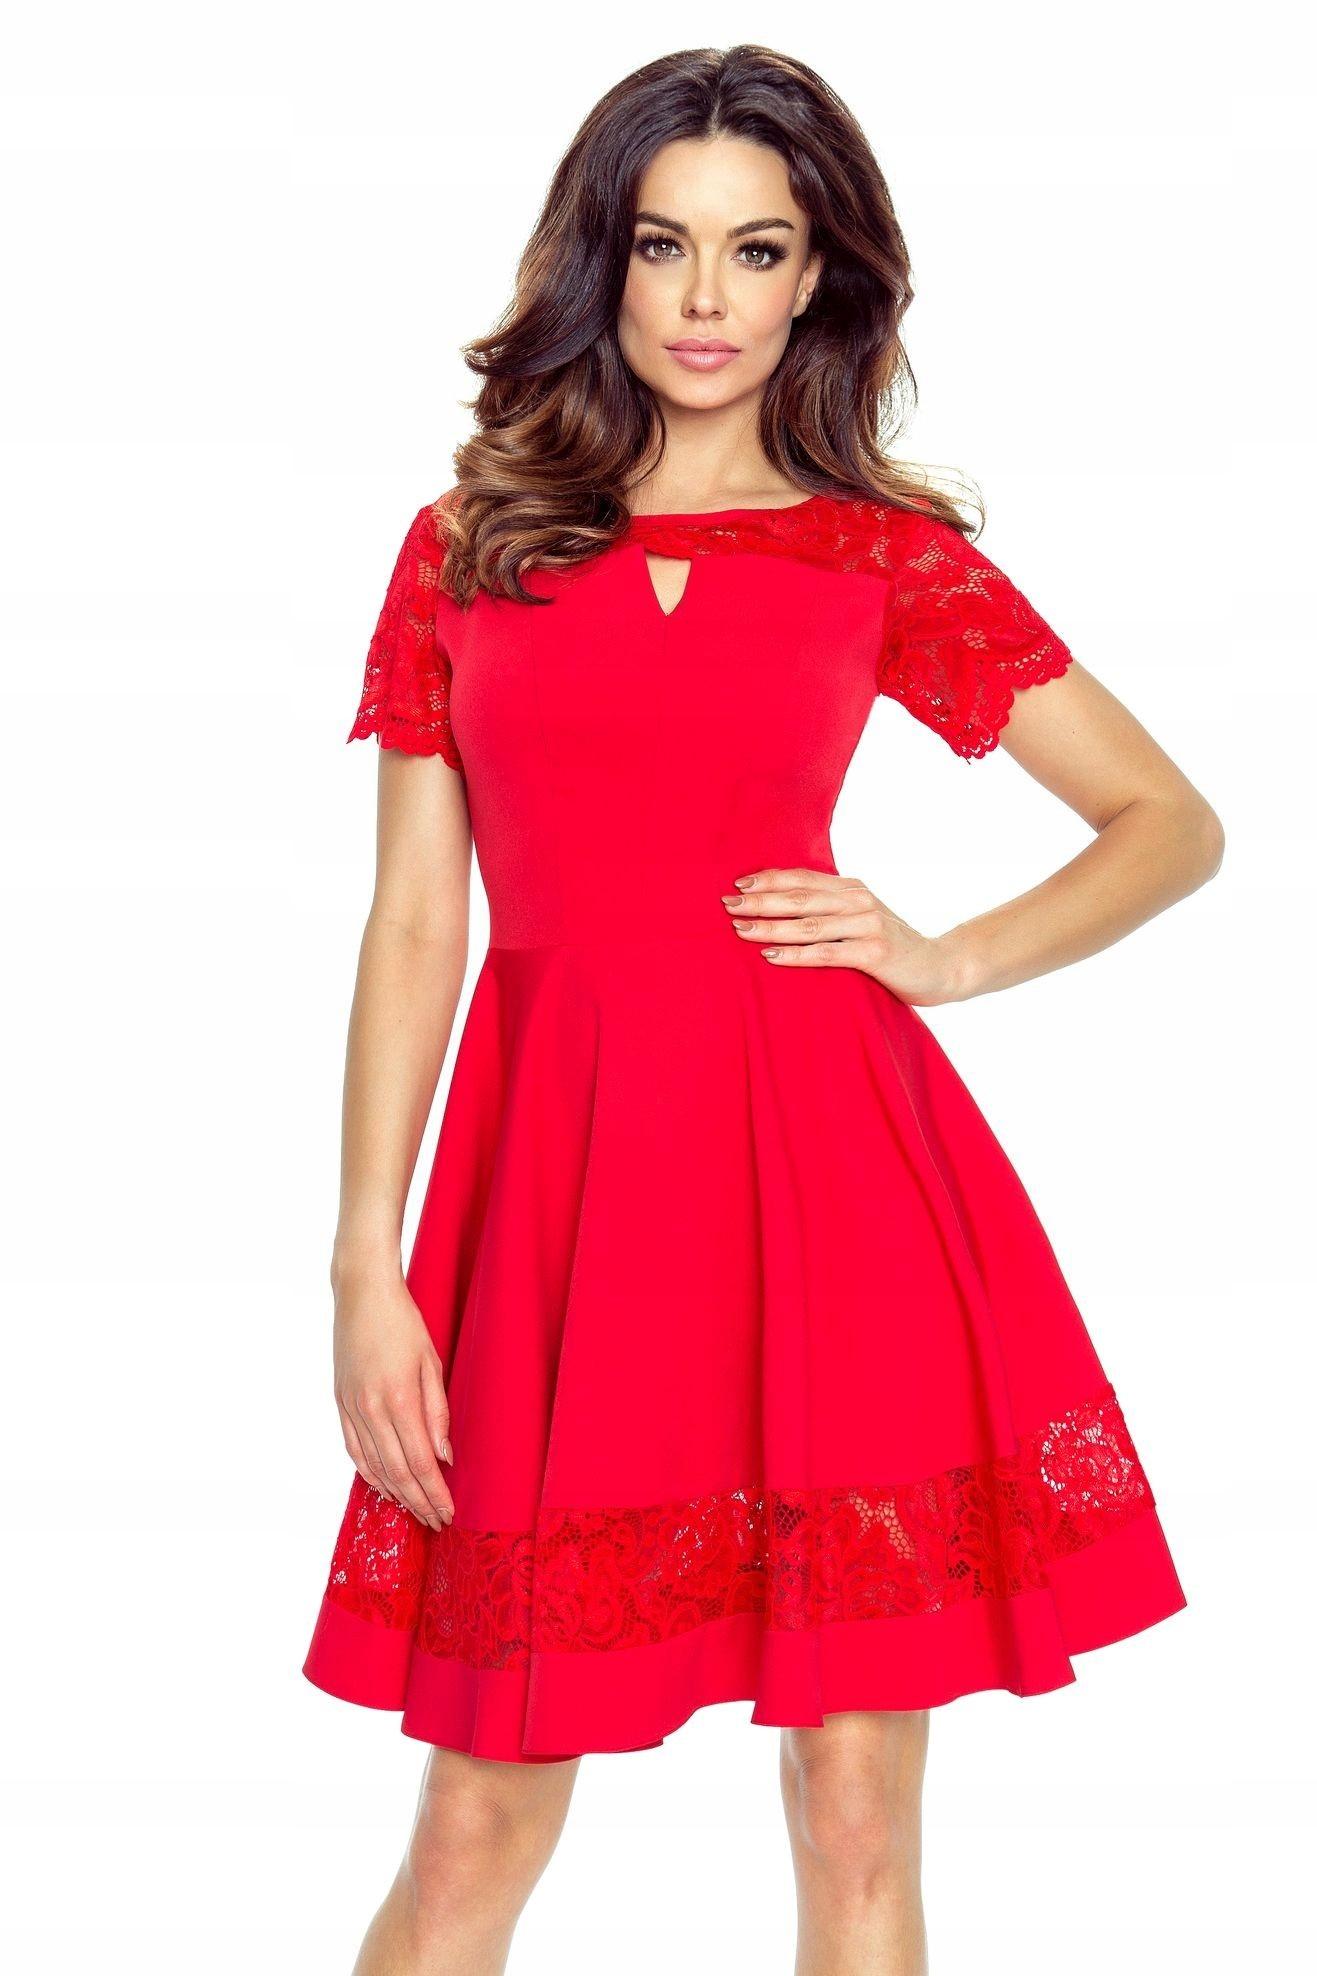 d209b1c04d rozkloszowana sukienka czerwona Katowice w Oficjalnym Archiwum Allegro -  archiwum ofert